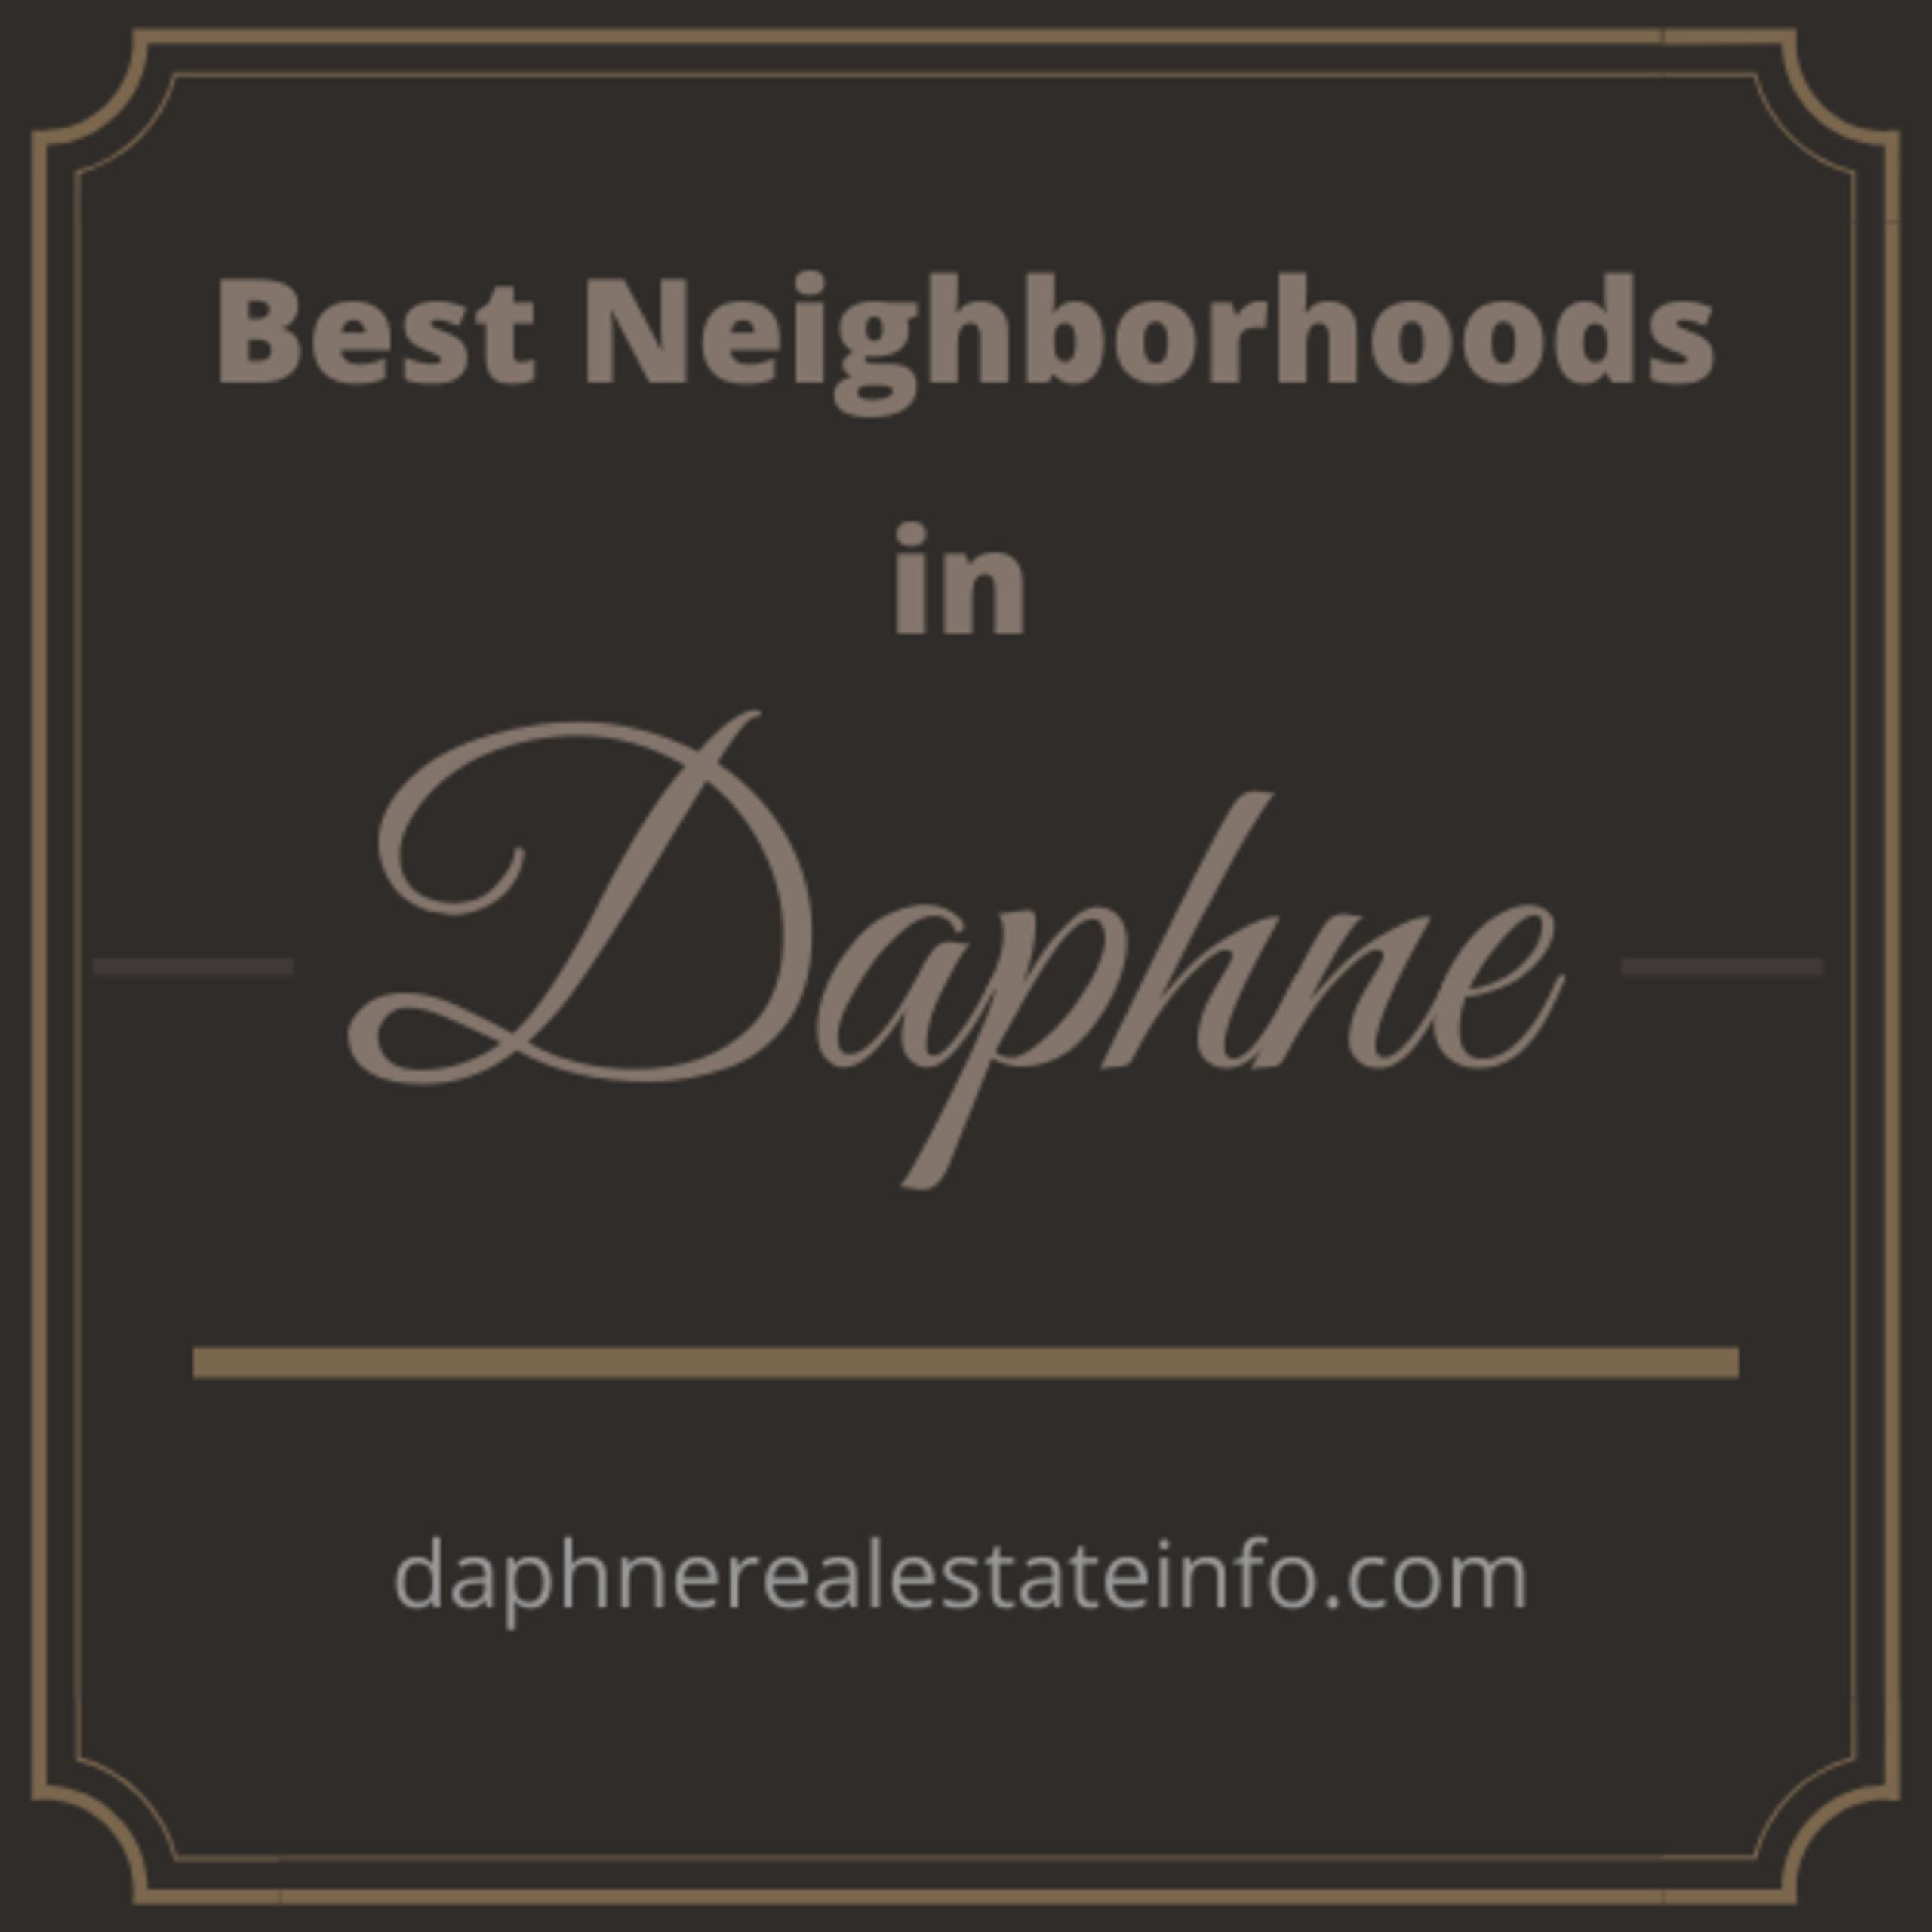 Best Neighborhoods in Daphne AL